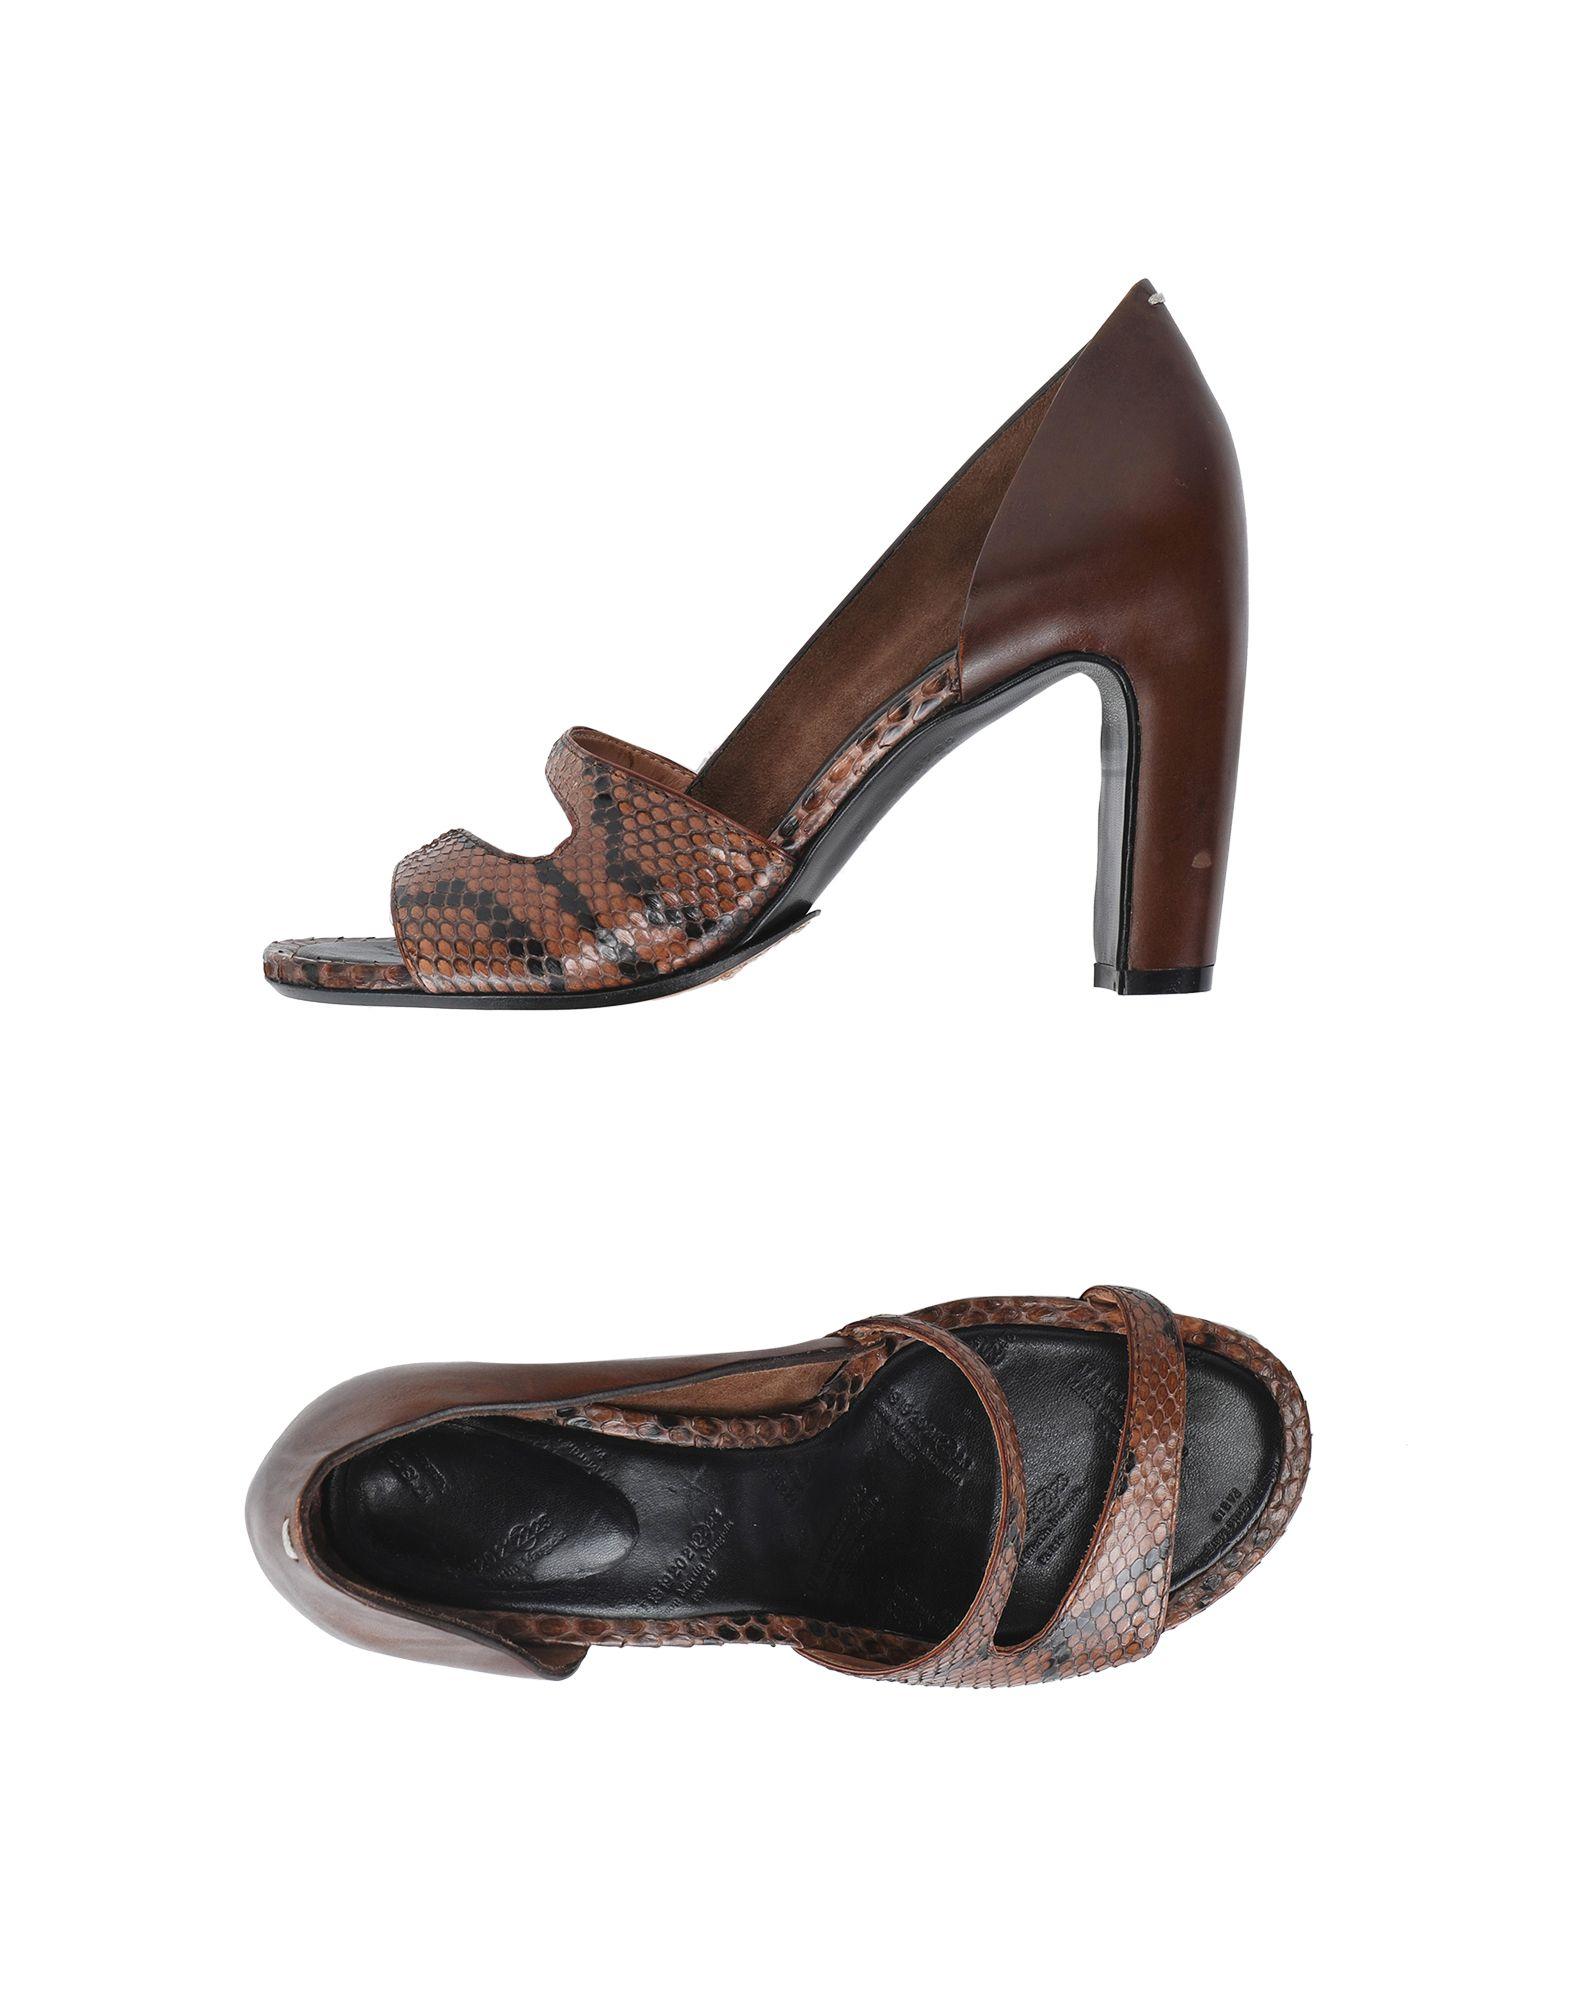 Escarpins Maison Margiela Femme - Escarpins Maison Margiela Moka Les chaussures les plus populaires pour les hommes et les femmes